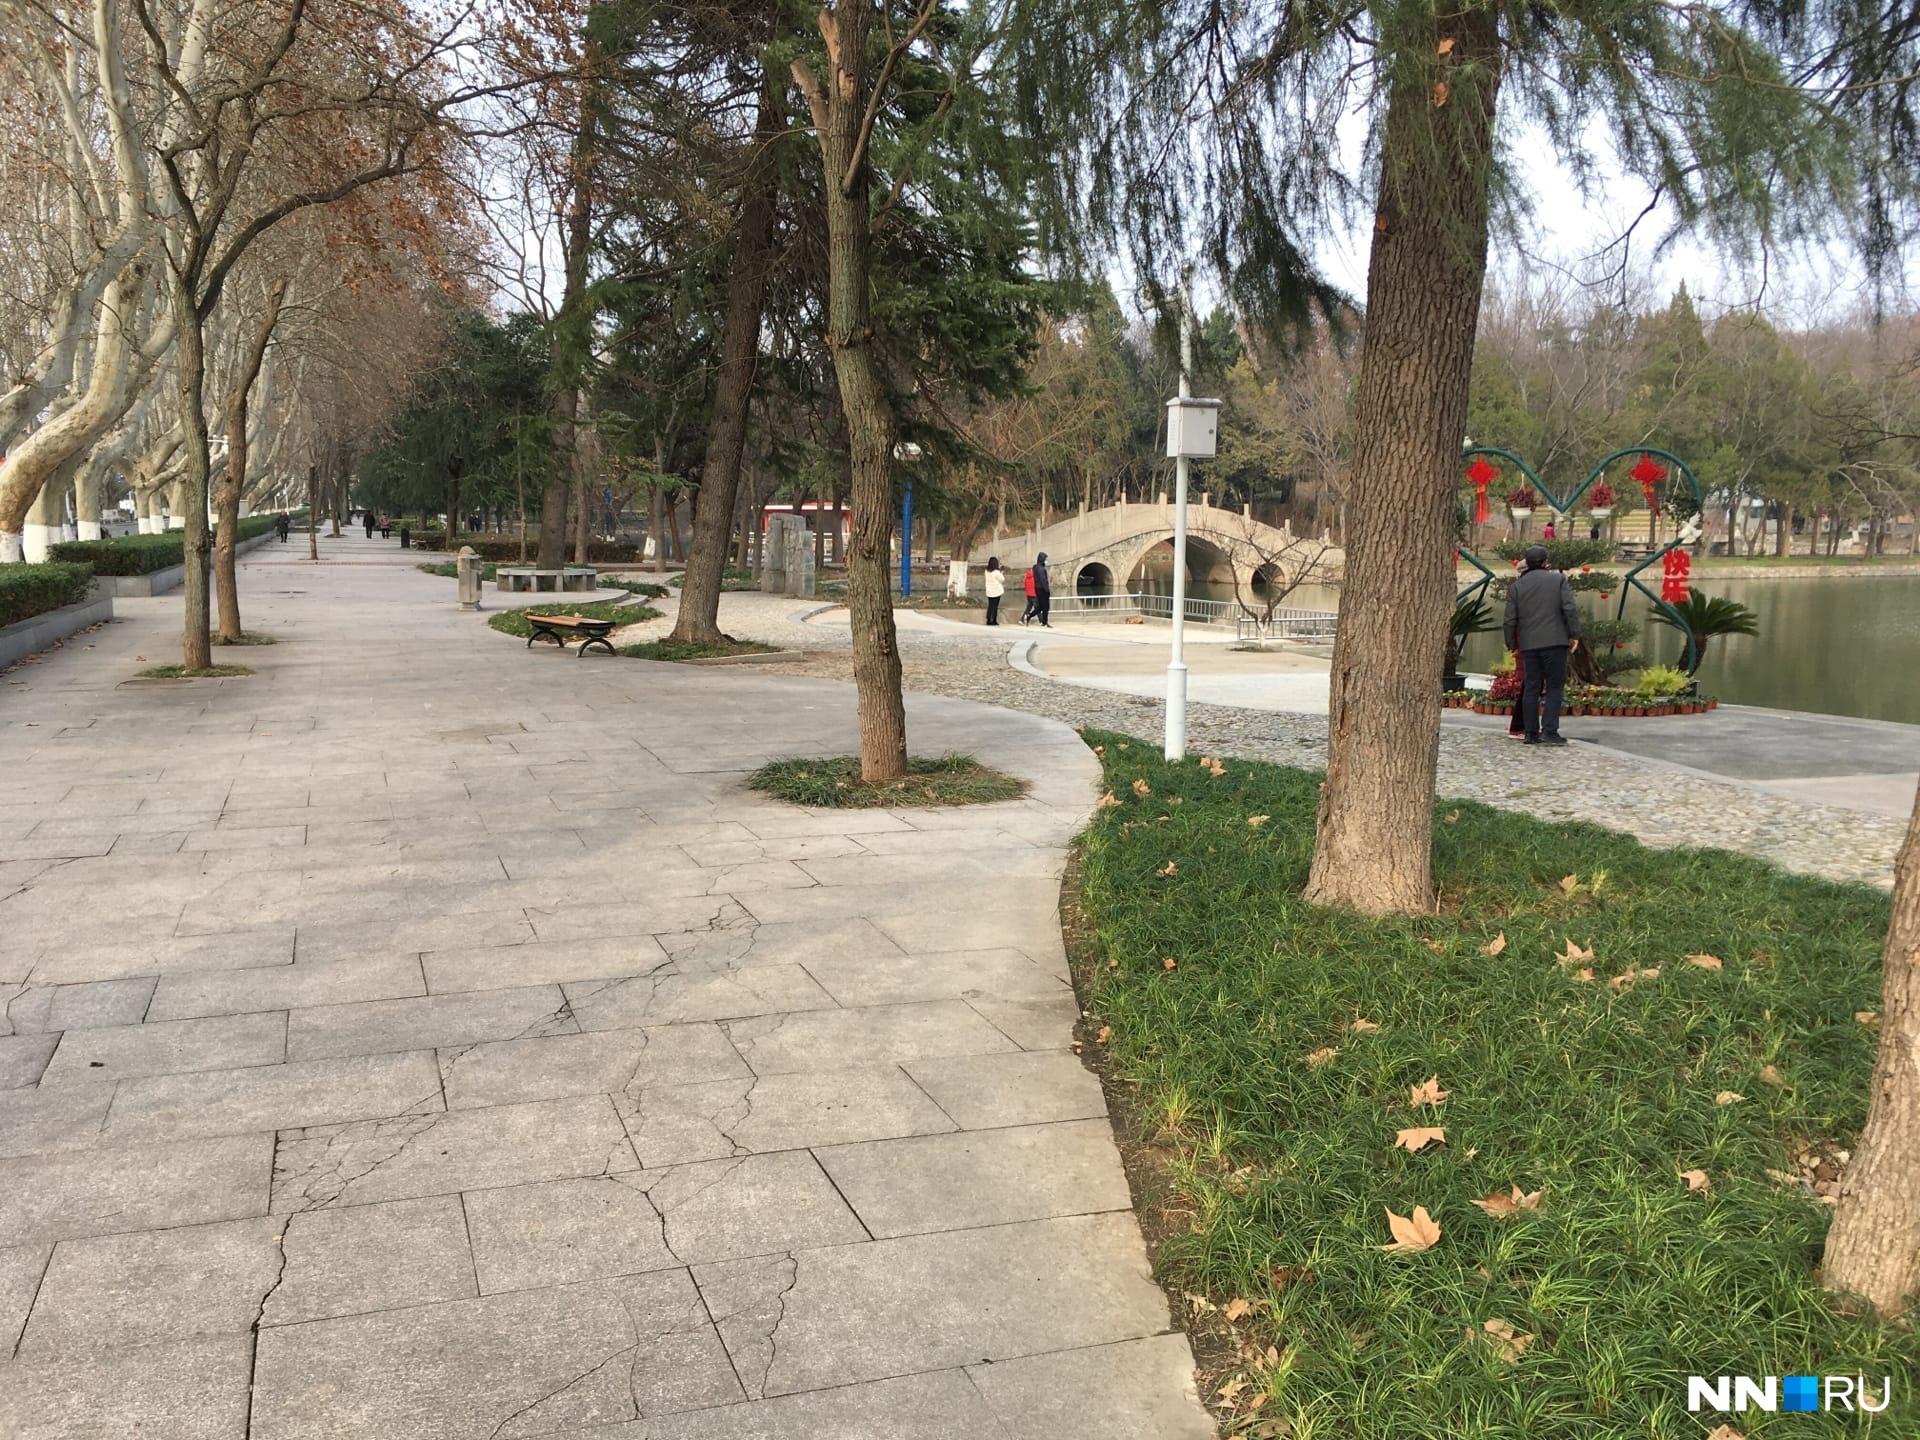 Так выглядит территория университетского парка